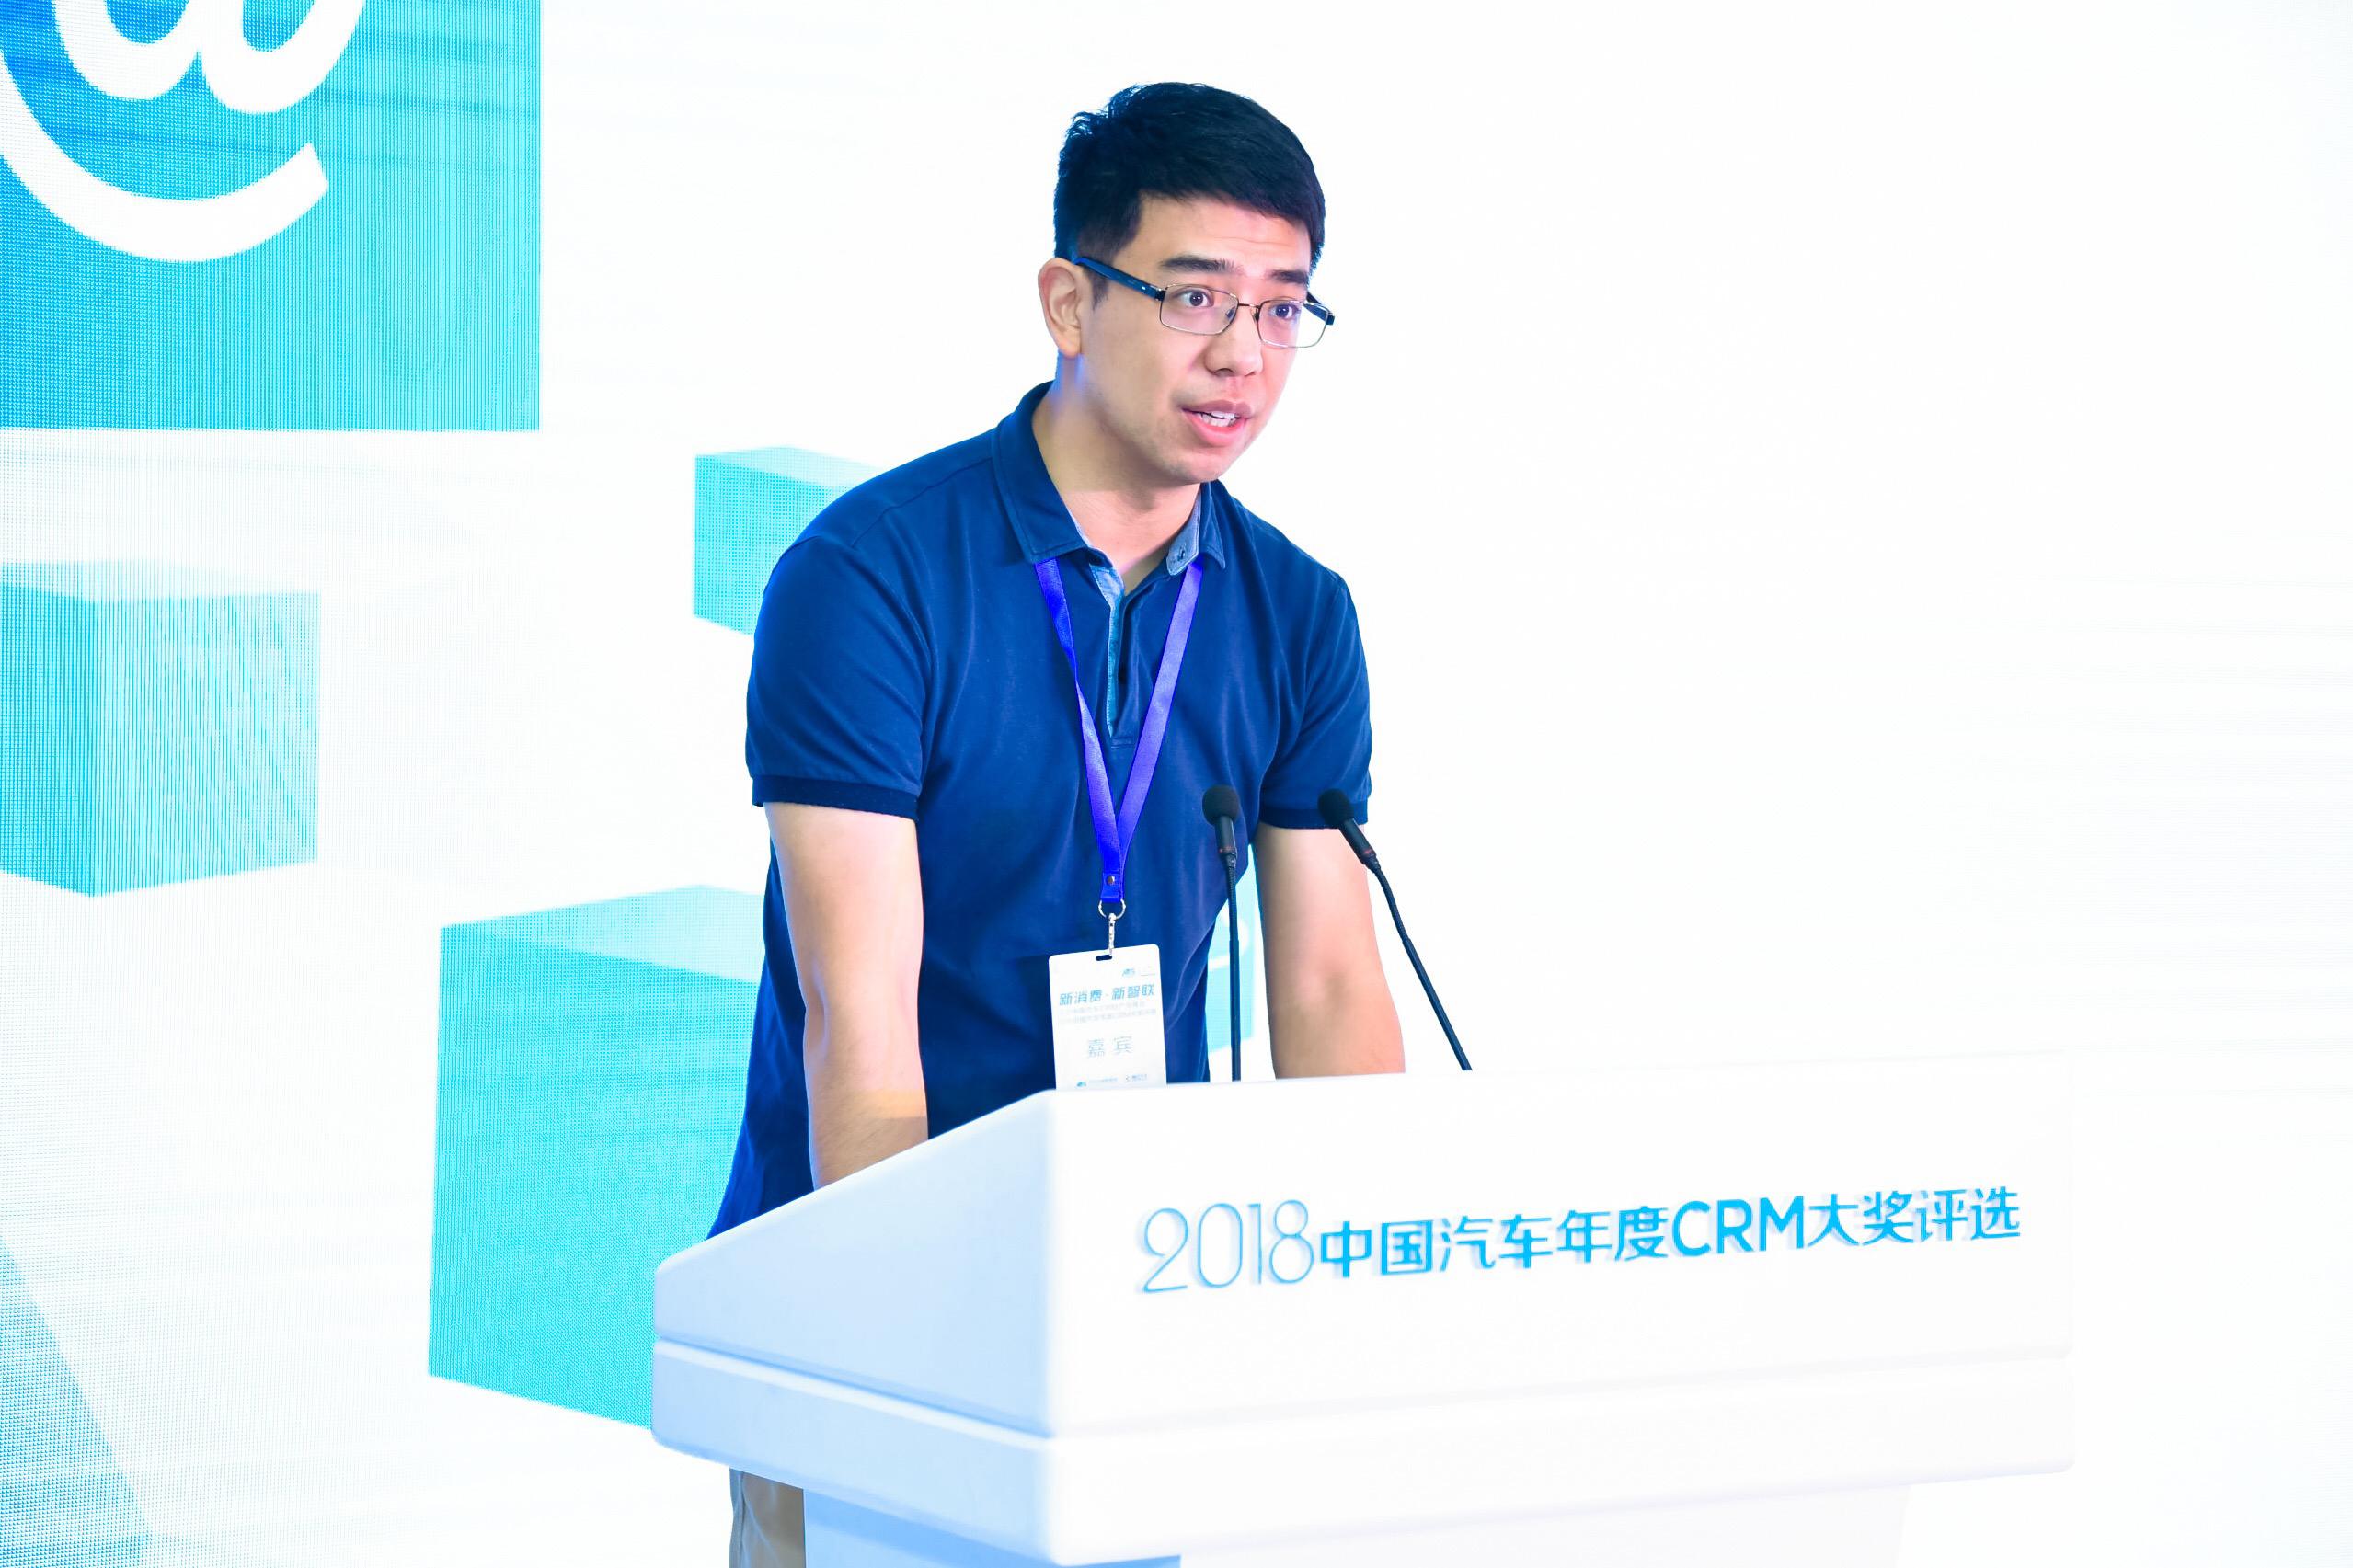 腾讯汽车副总经理 侯珺 致辞